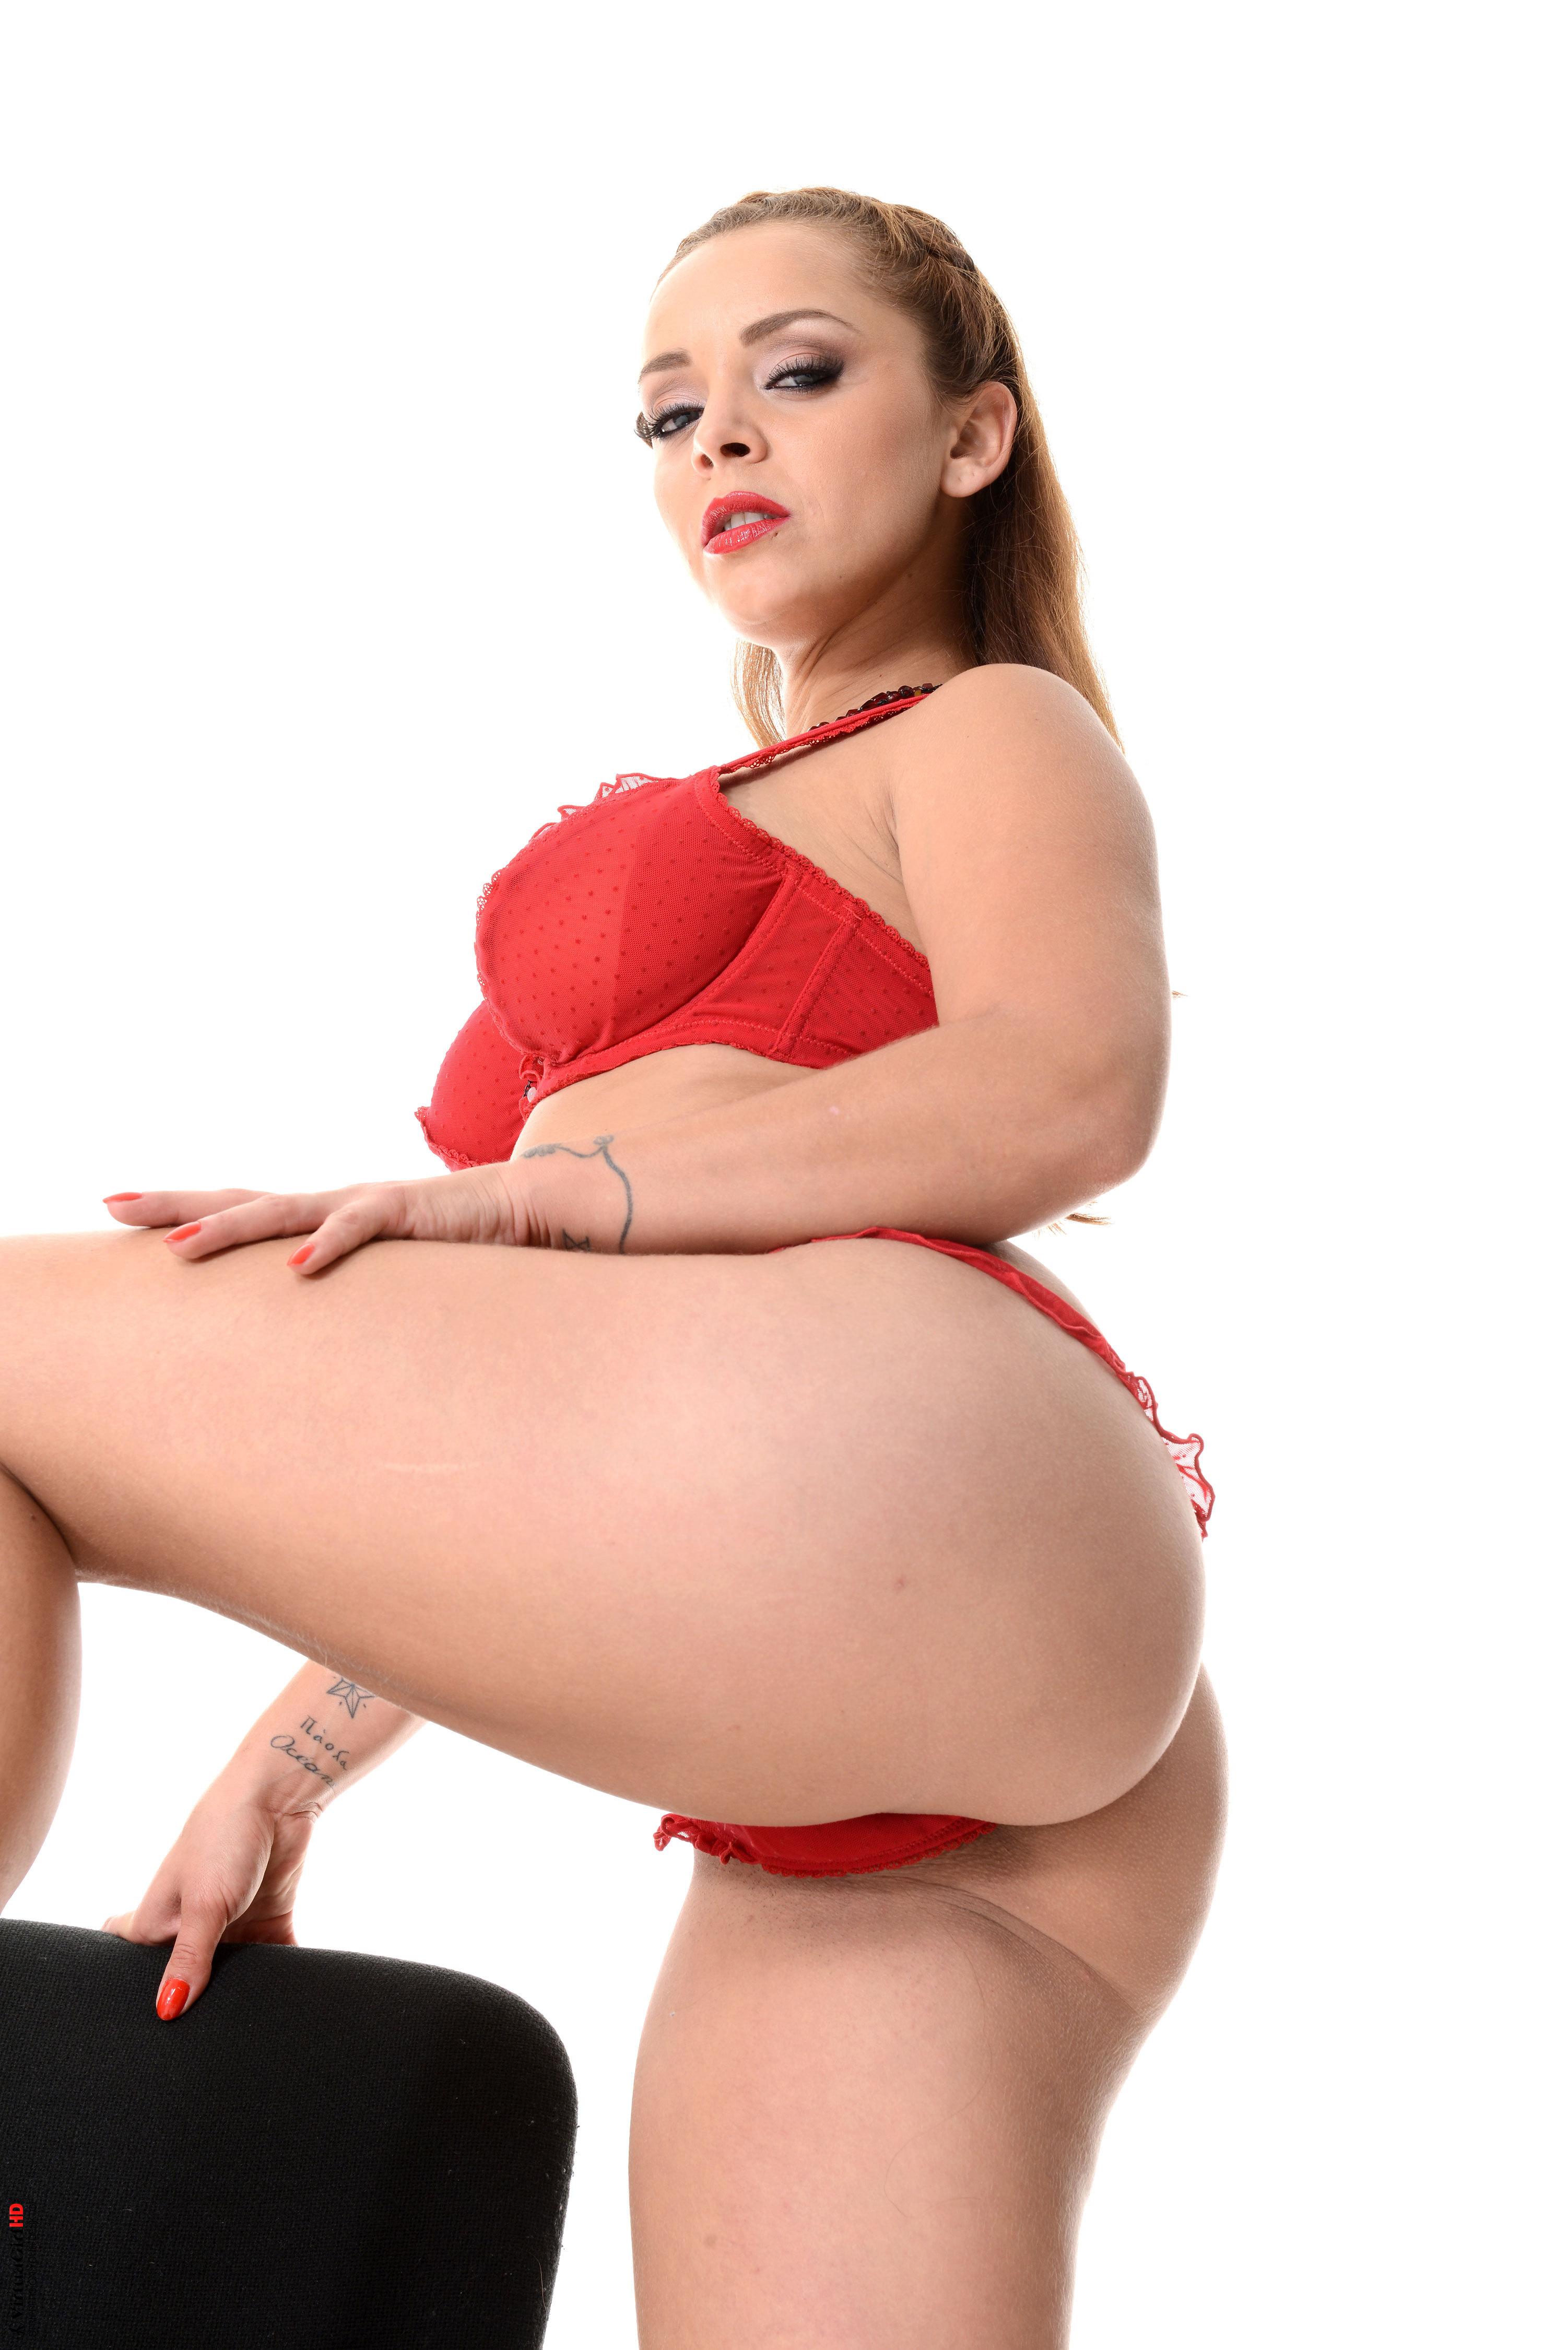 Katrina sexy boobs